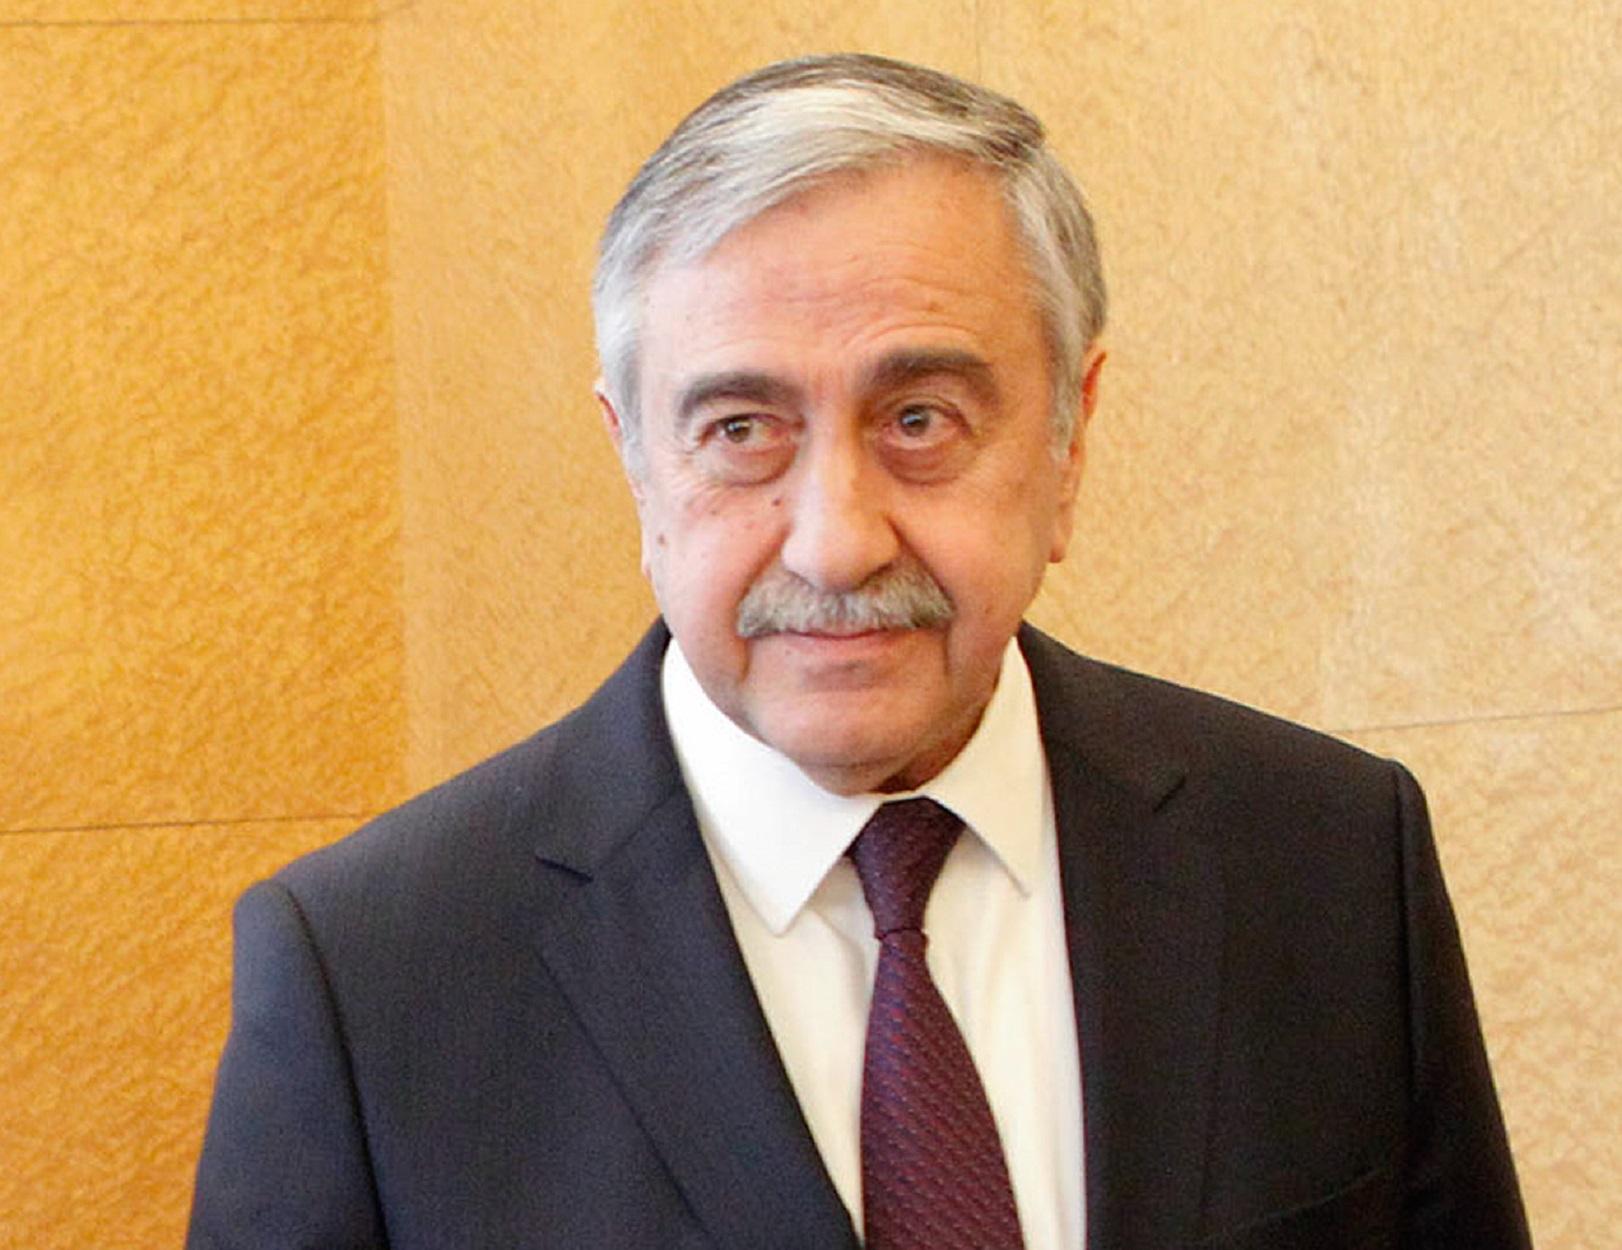 """Έξαλλος ο Ερντογάν με Ακιντζί! """"Έσβησε"""" την ανάρτηση για τη Συρία ο τουρκοκύπριος ηγέτης"""